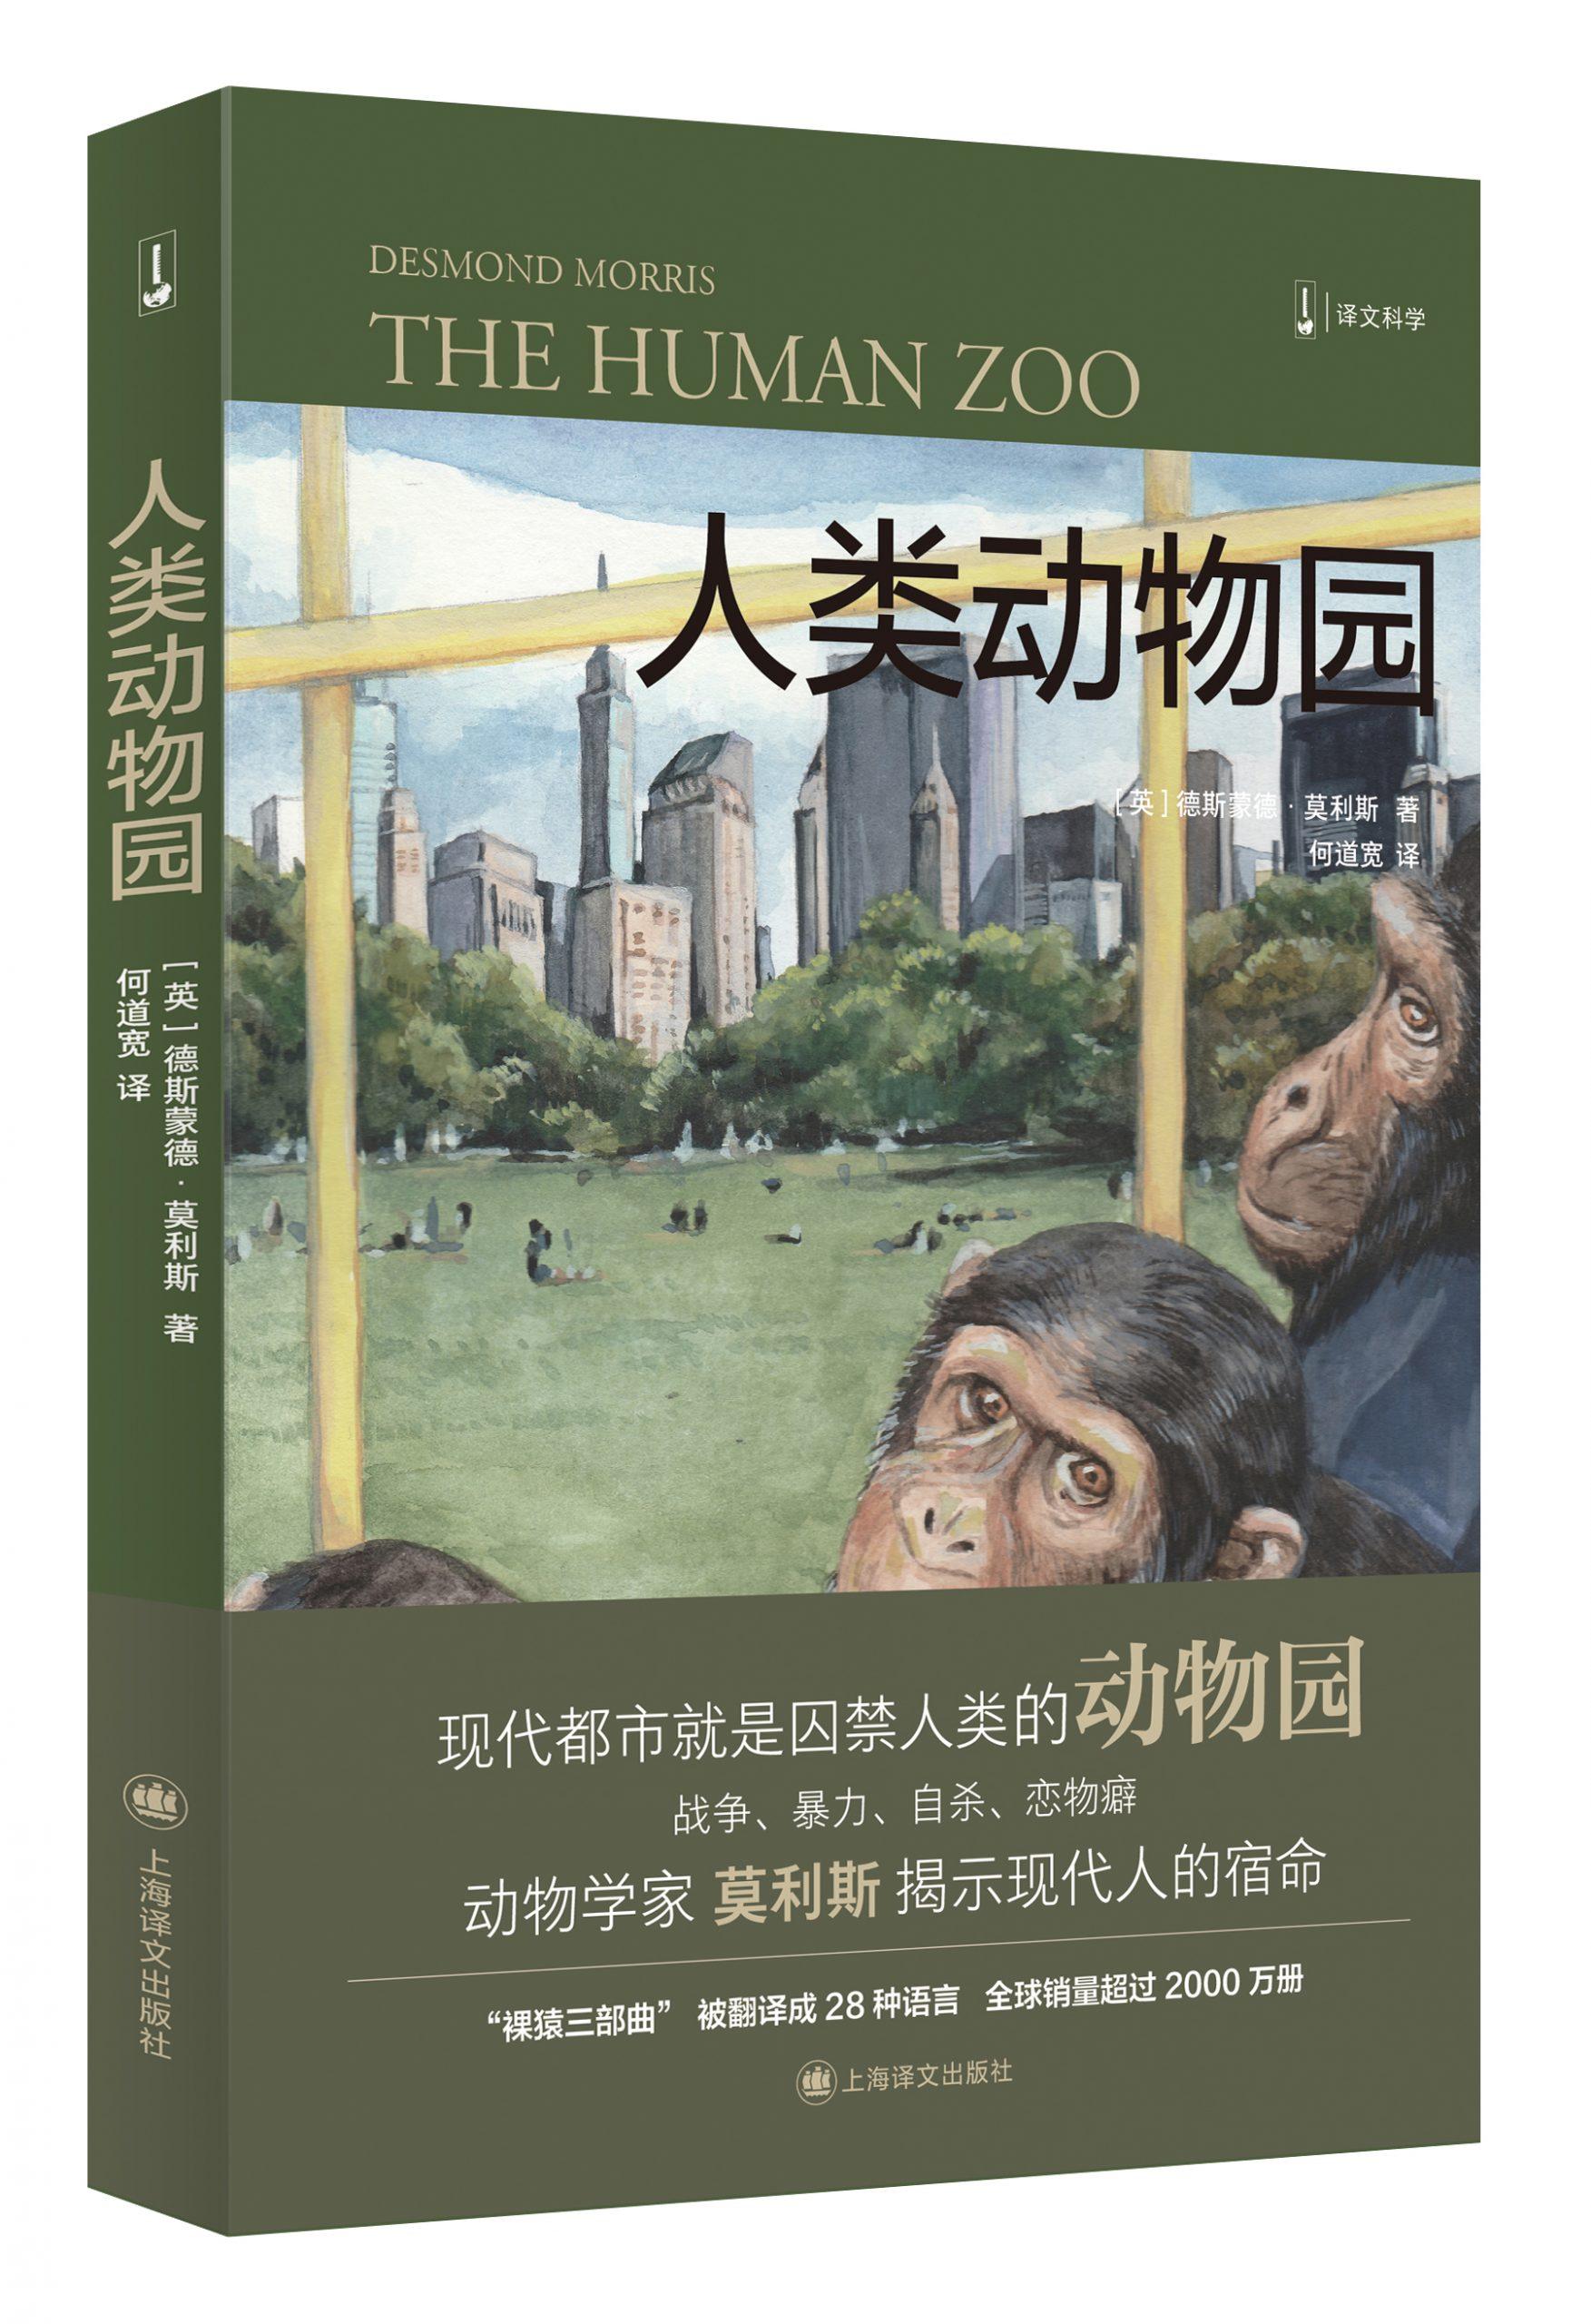 《裸猿》50周年纪念版由上海译文社出版,我们为什么需要读这本老书?-出版人杂志官网